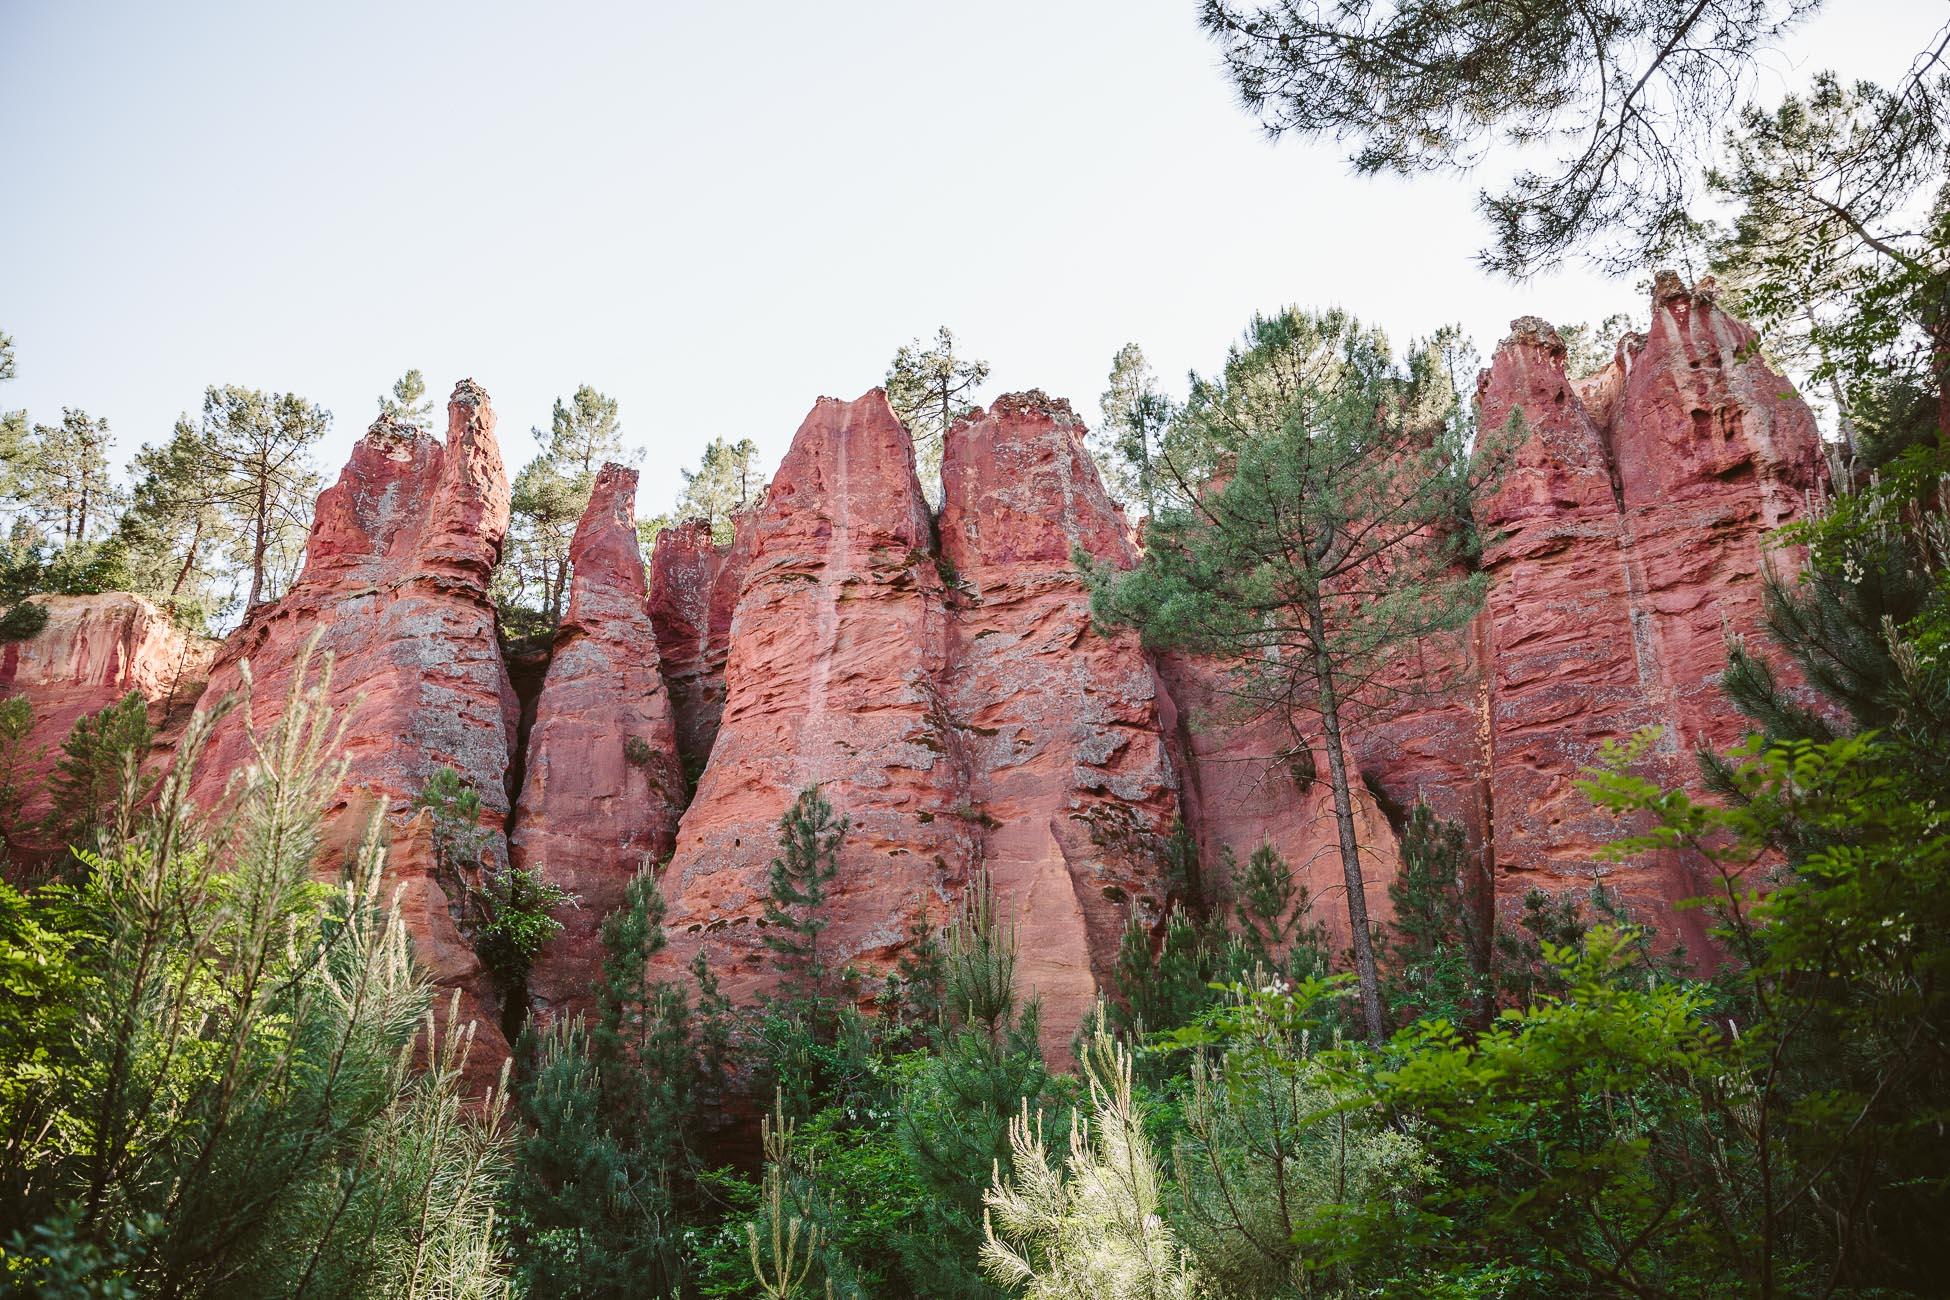 Le sentier des Ocres in Roussillon